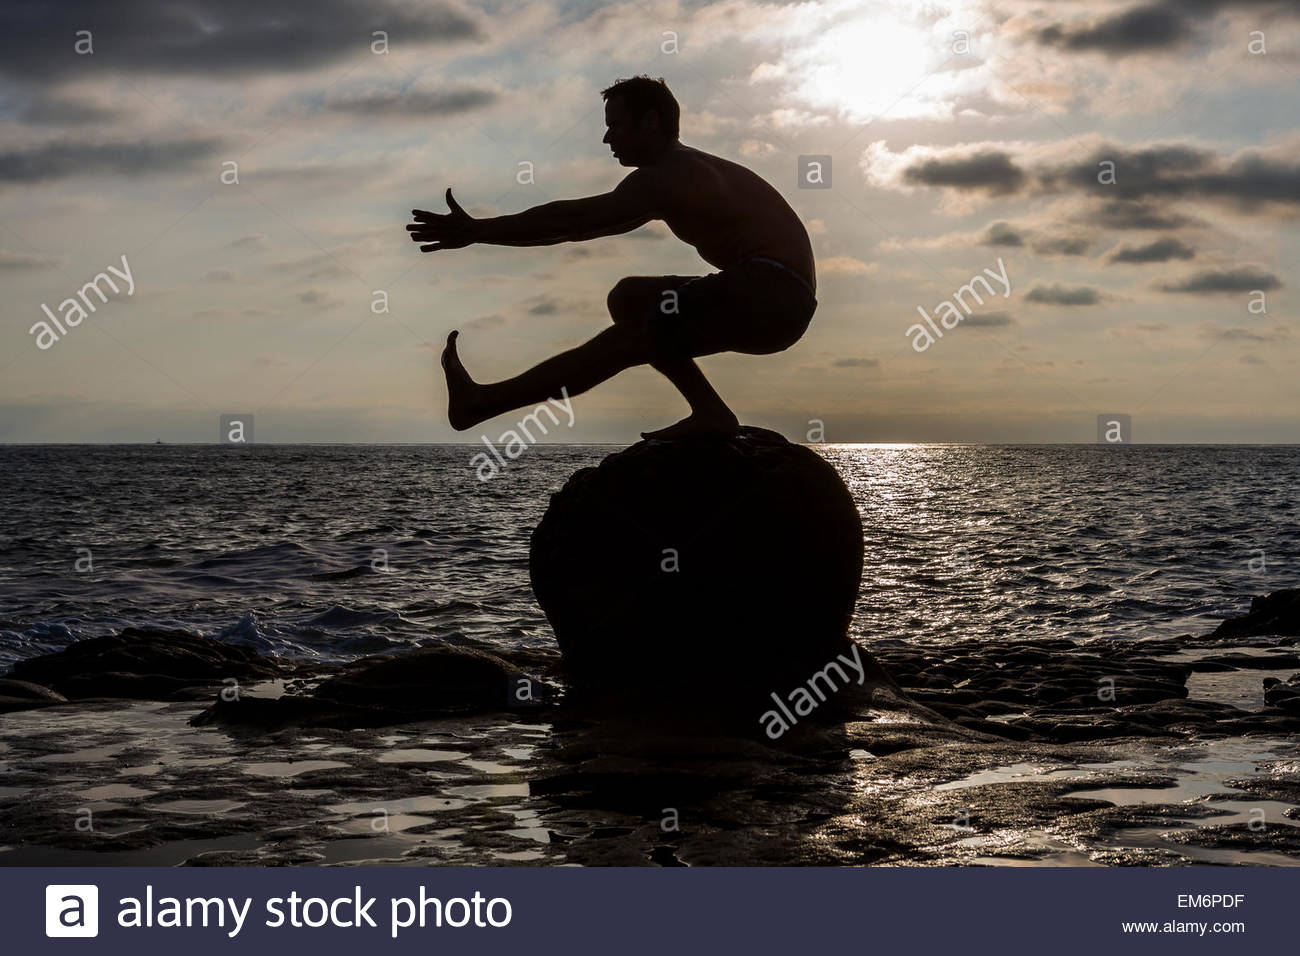 Die Silhouette der ein nackter Oberkörper CrossFit Athlet während er eine Pistole oder einbeinige Kniebeugen Stockbild